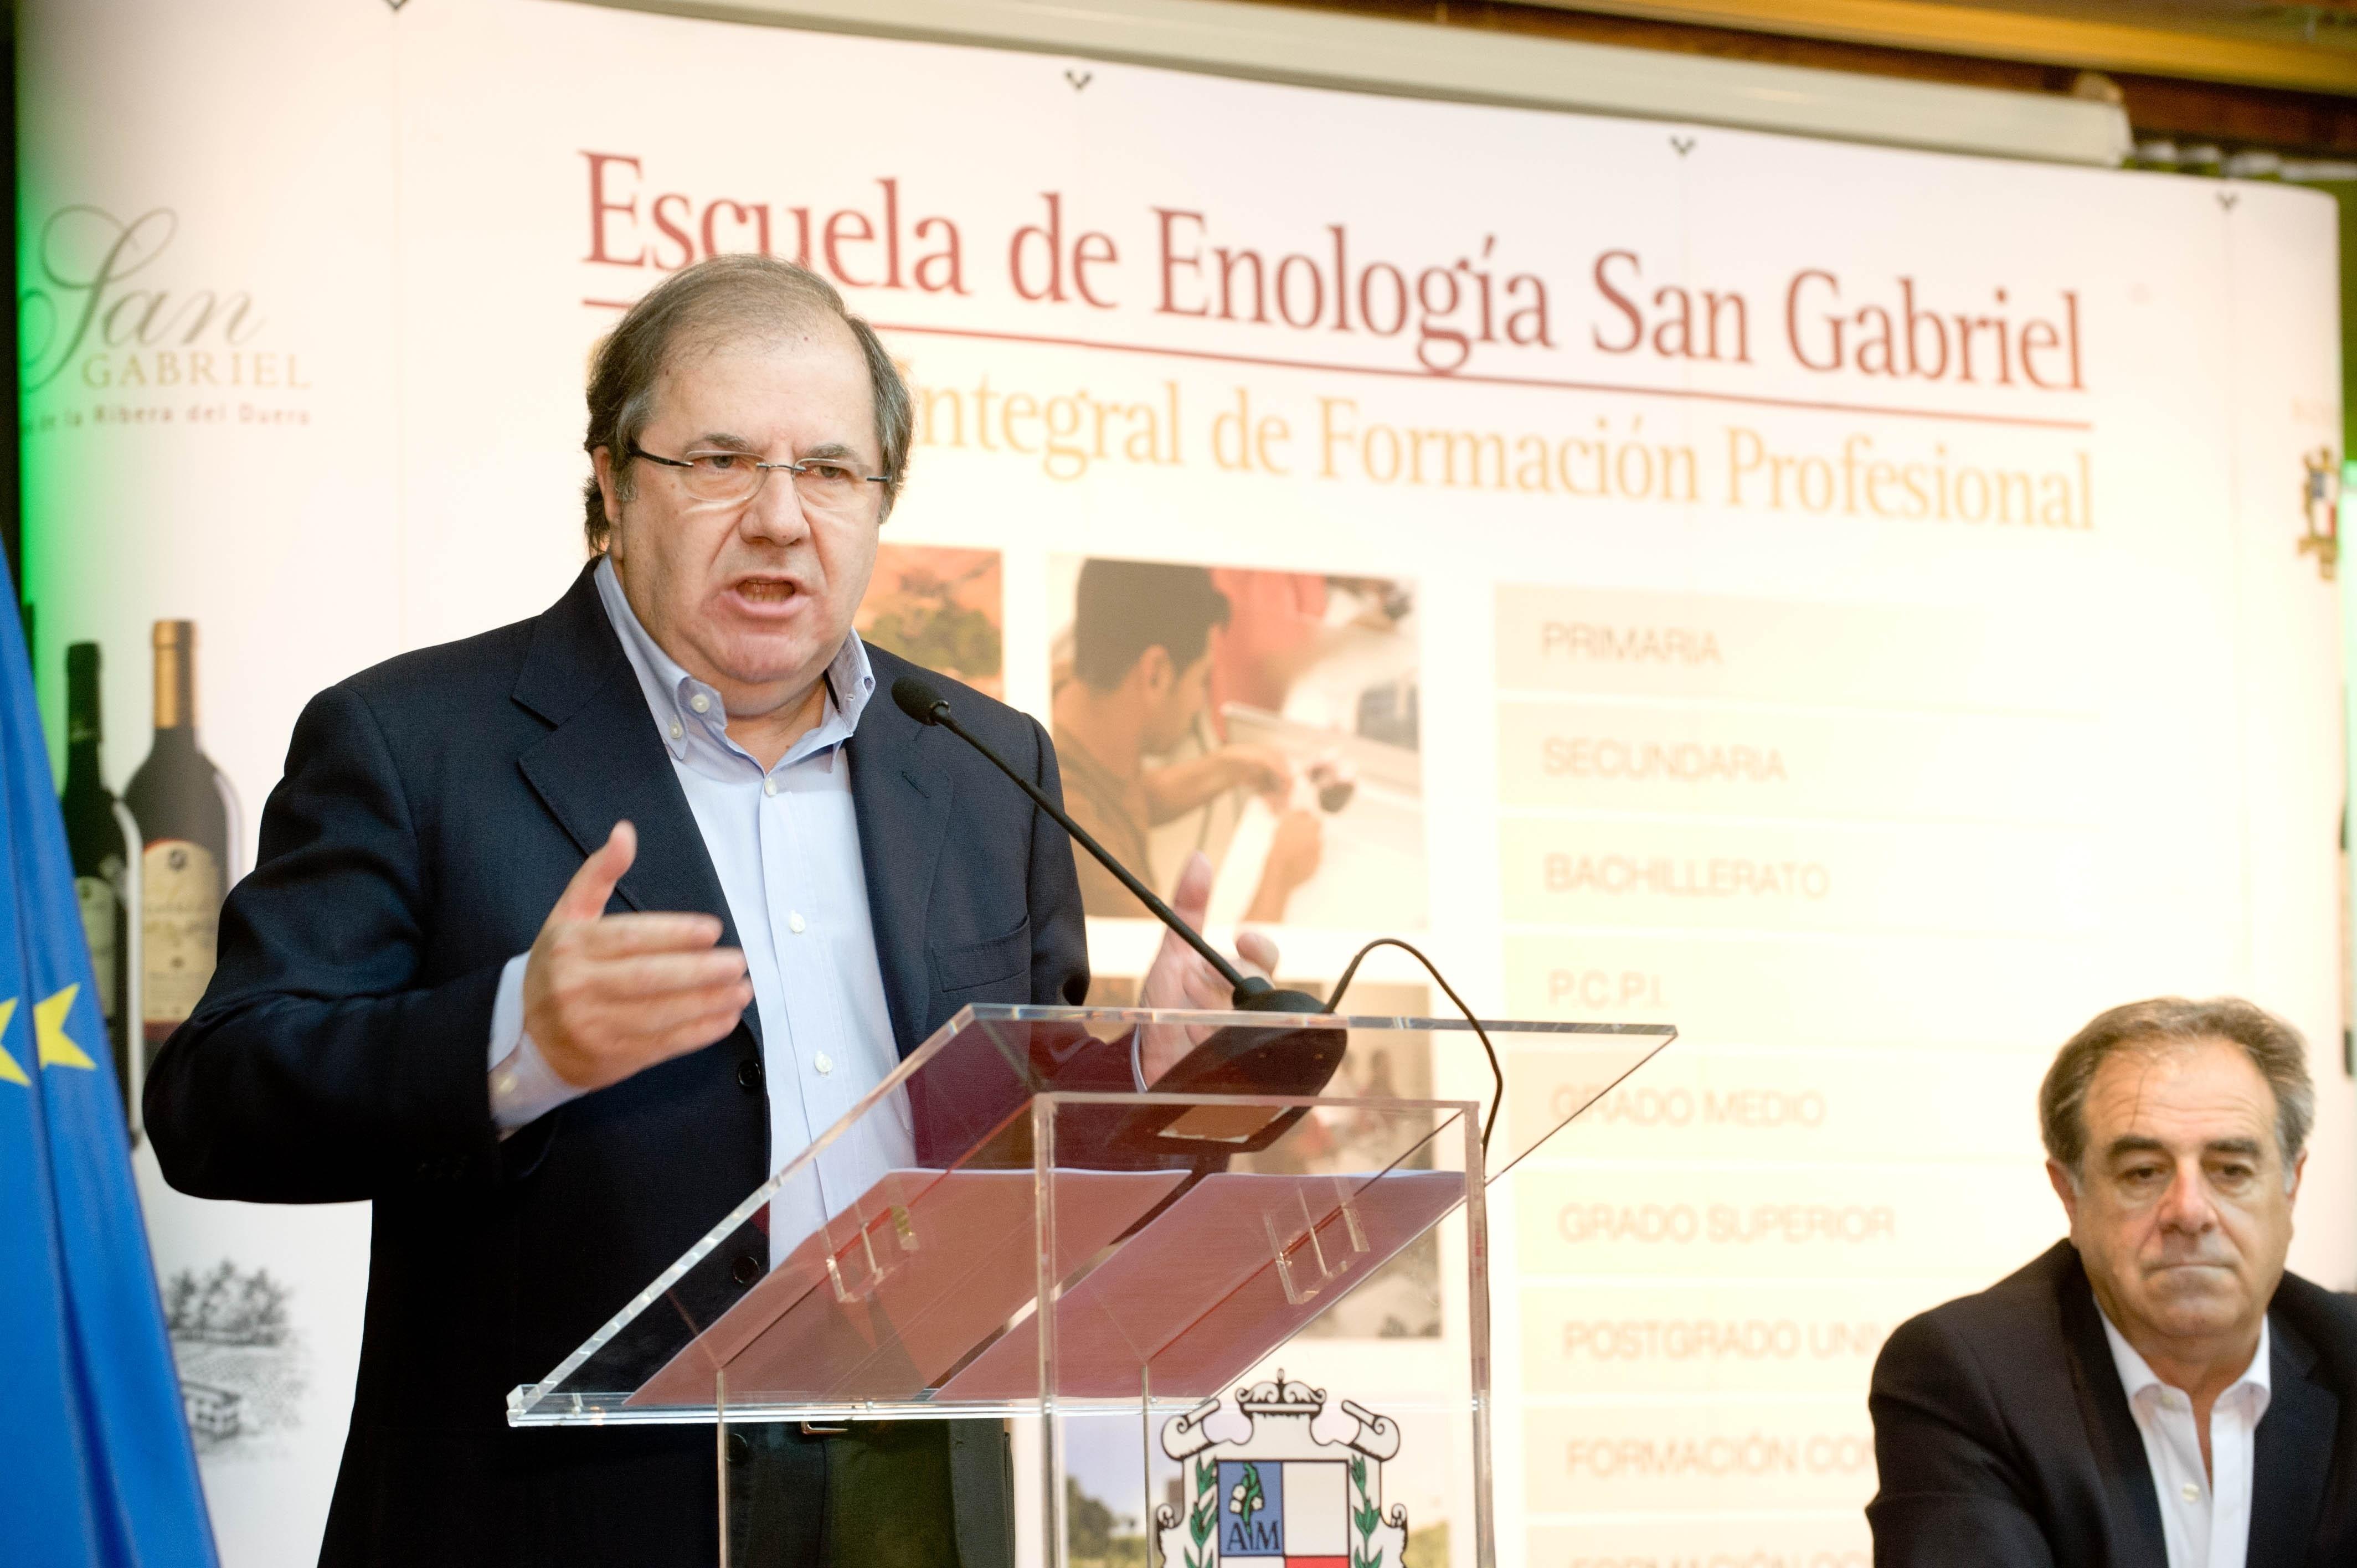 Herrera cree que la transparencia pública es irrenunciable en sociedades avanzadas y aboga por la regeneración política